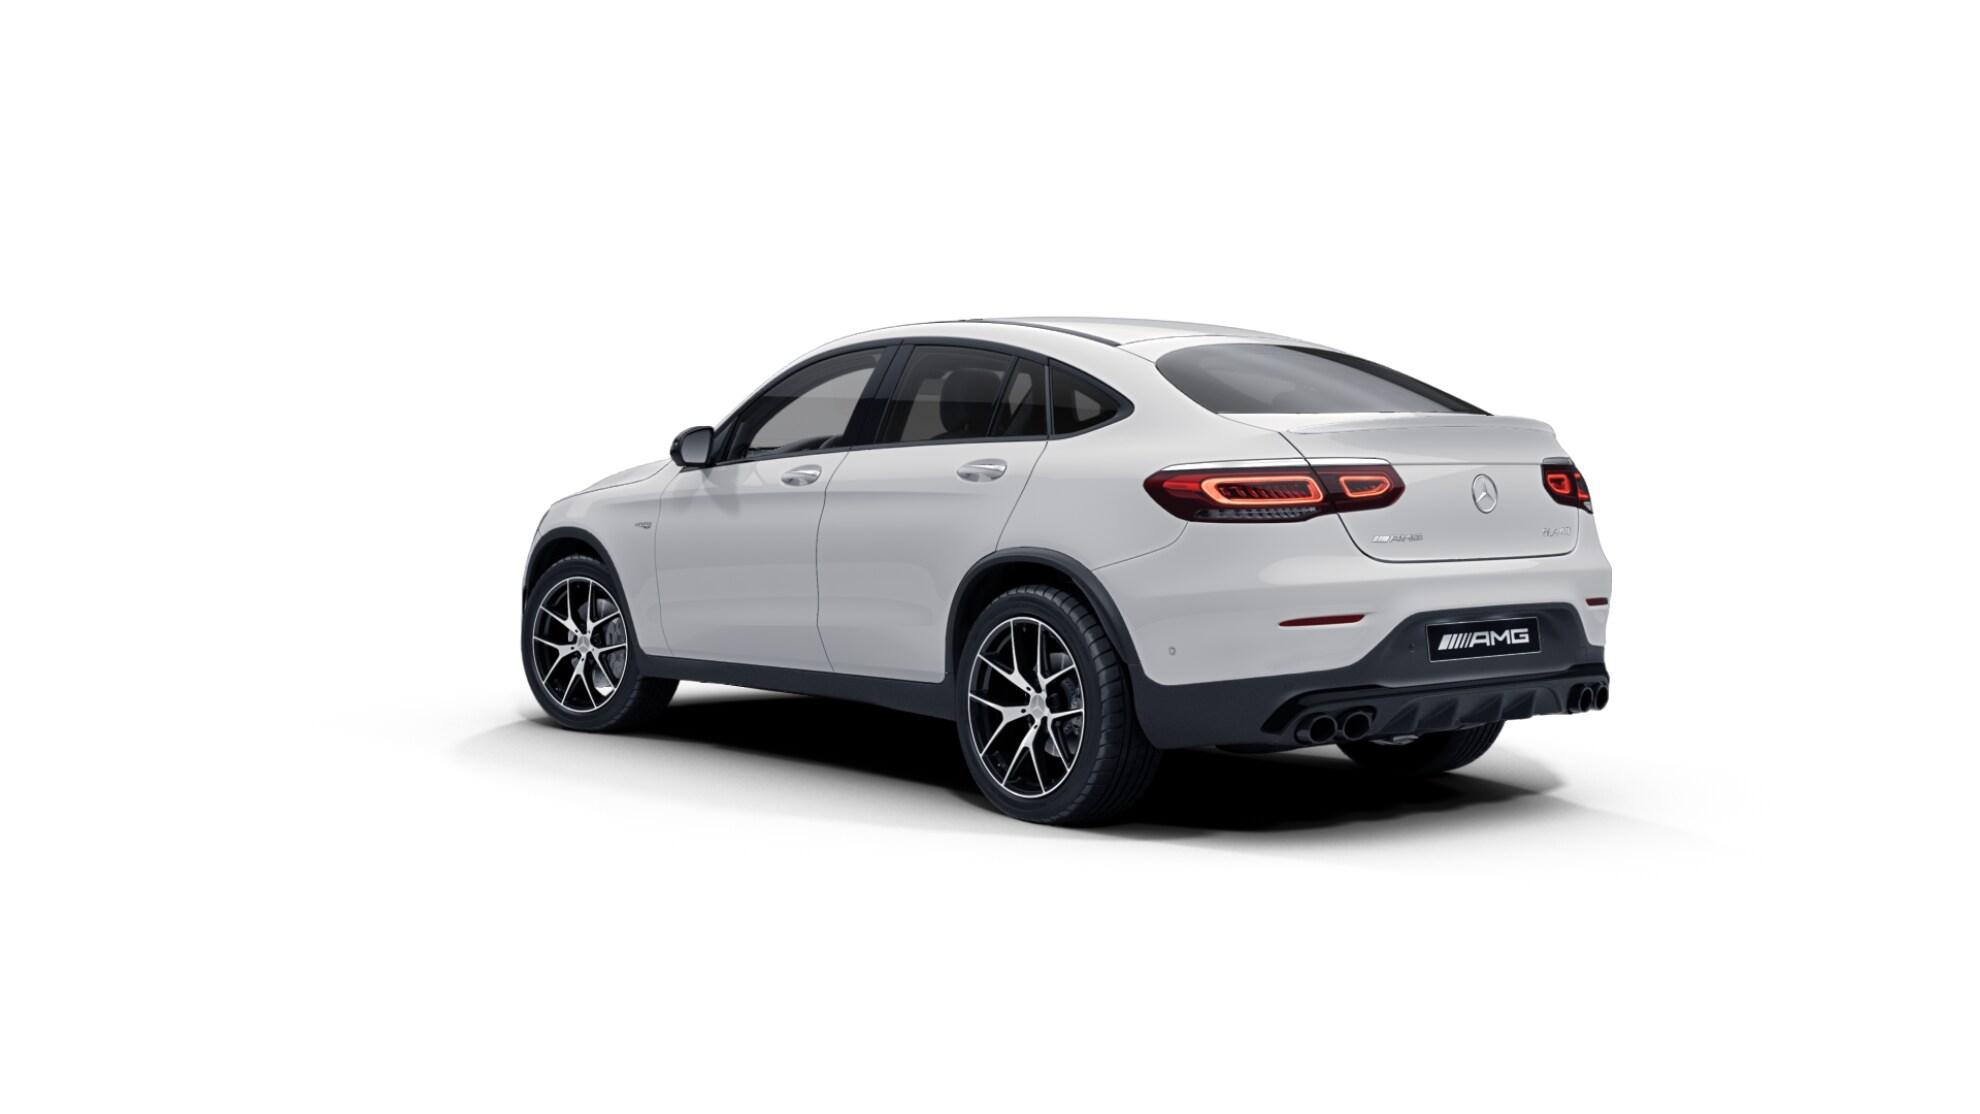 Mercedes GLC Coupé 43 AMG 4matic   nové auto ve výrobě    V6 benzin 390 koní   super výbava   skvělá cena   nákup online